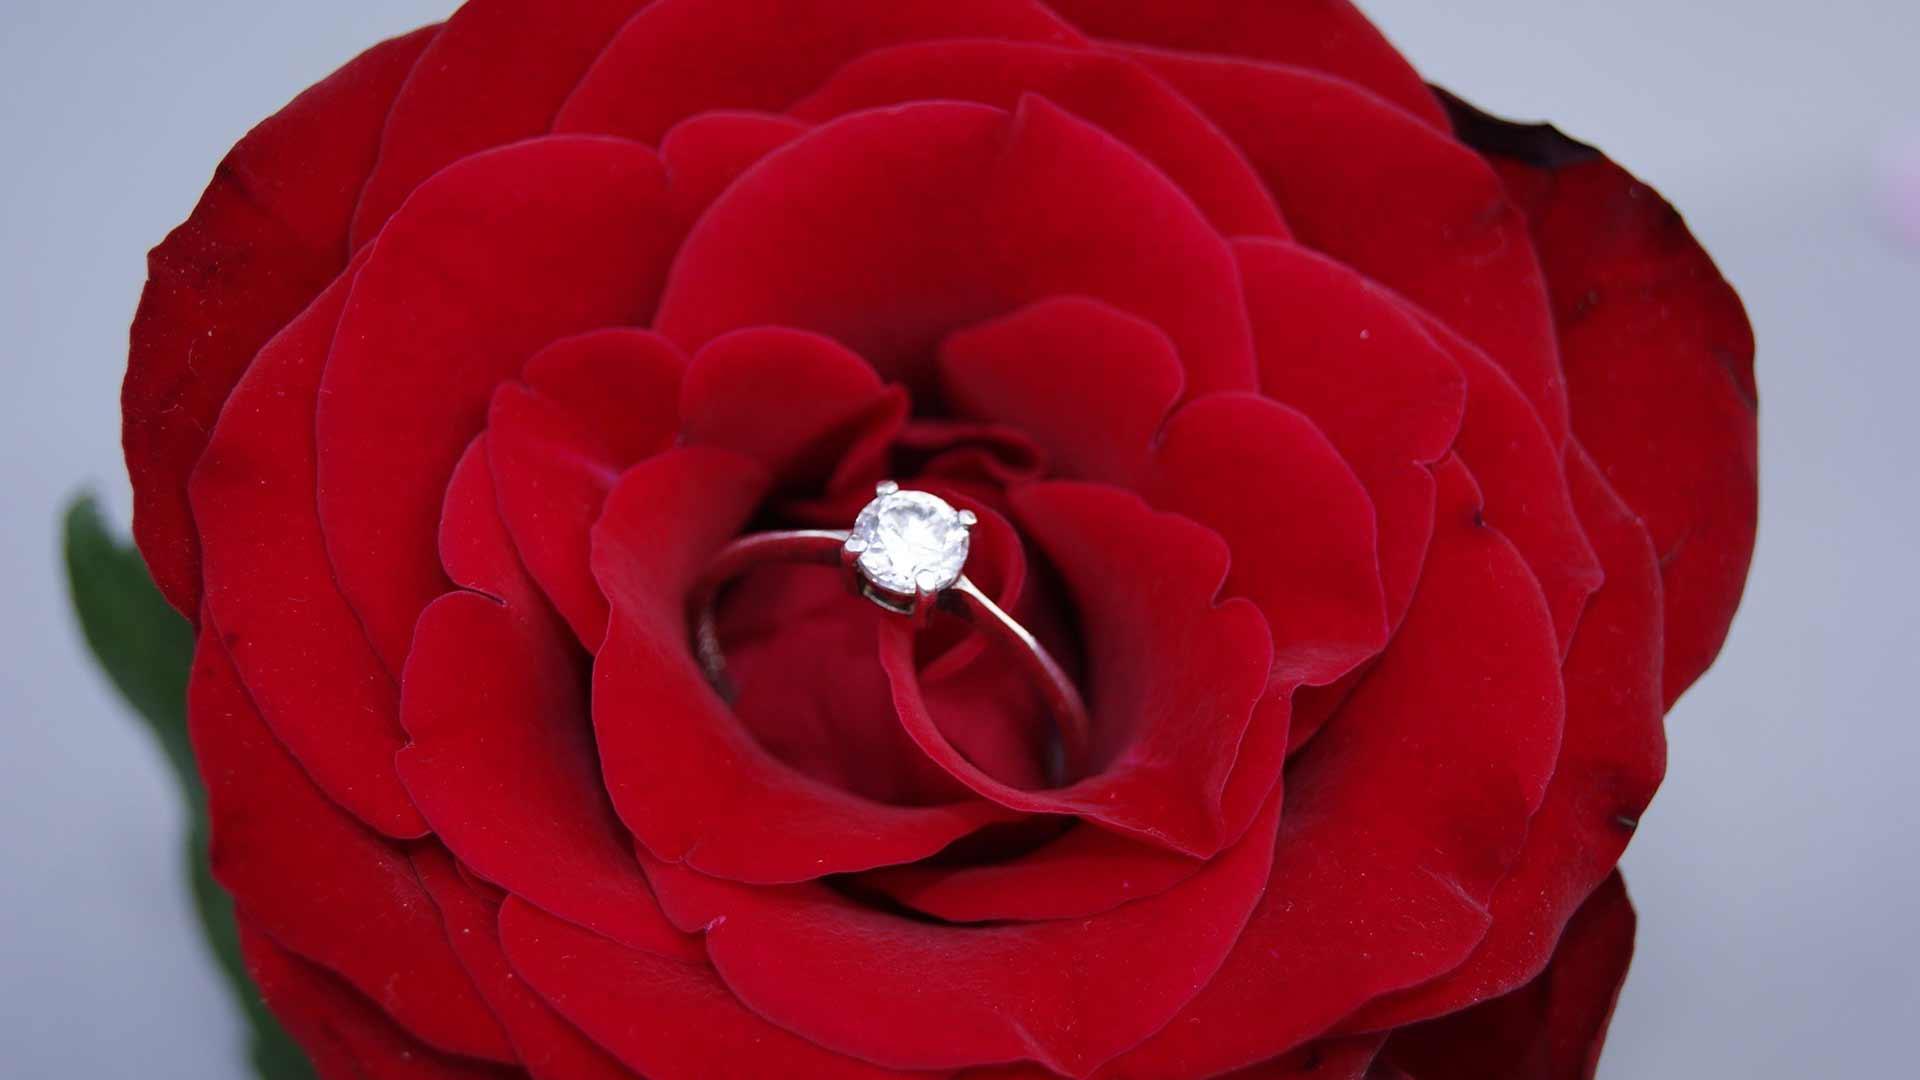 Comment reconnaitre la pureté d'un diamant ?